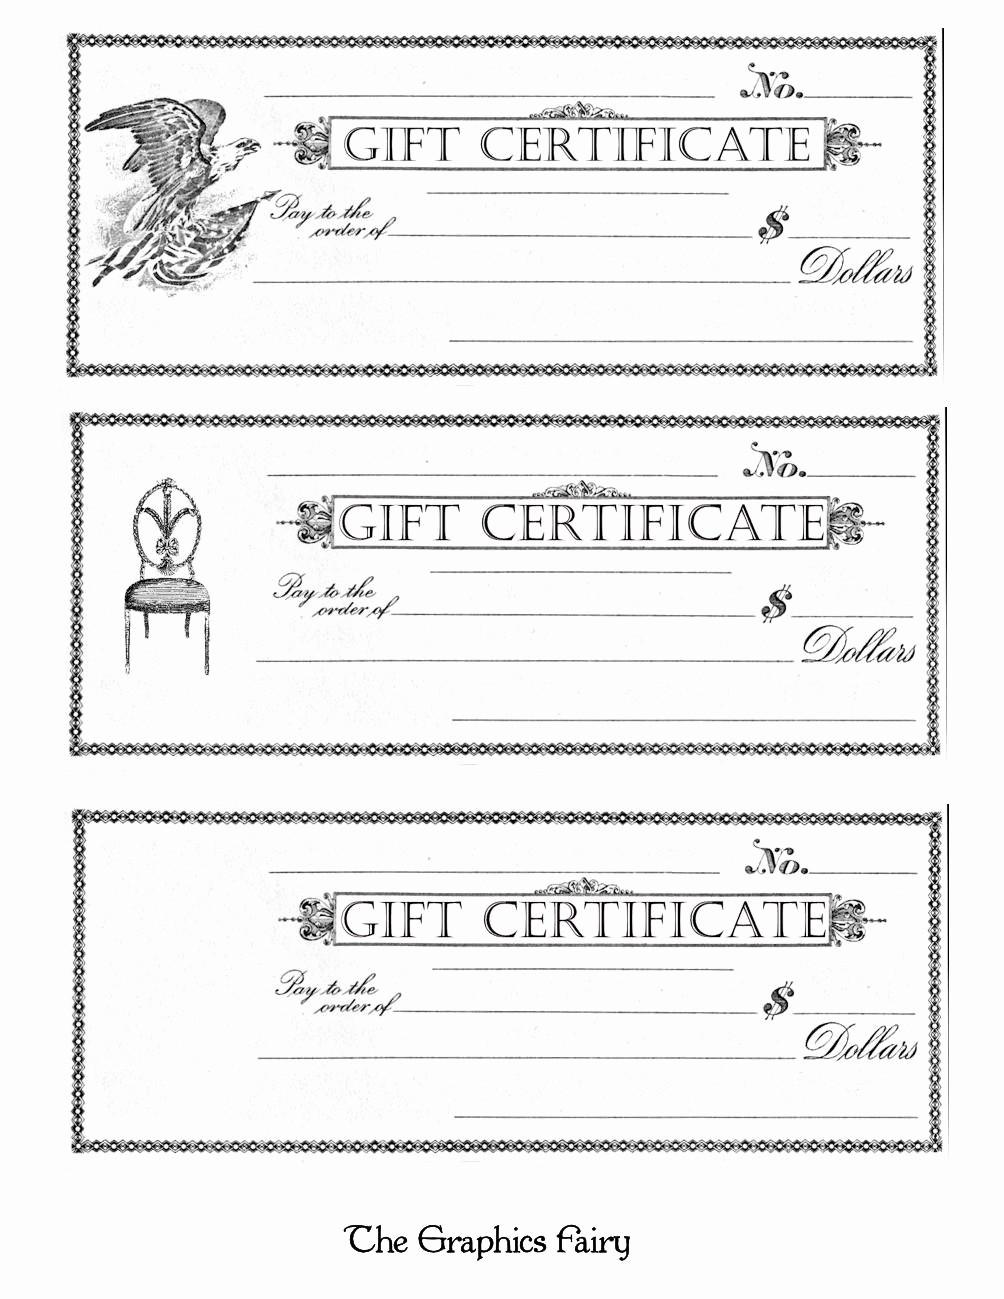 Blank Gift Certificates to Print Elegant Free Printable Gift Certificates the Graphics Fairy